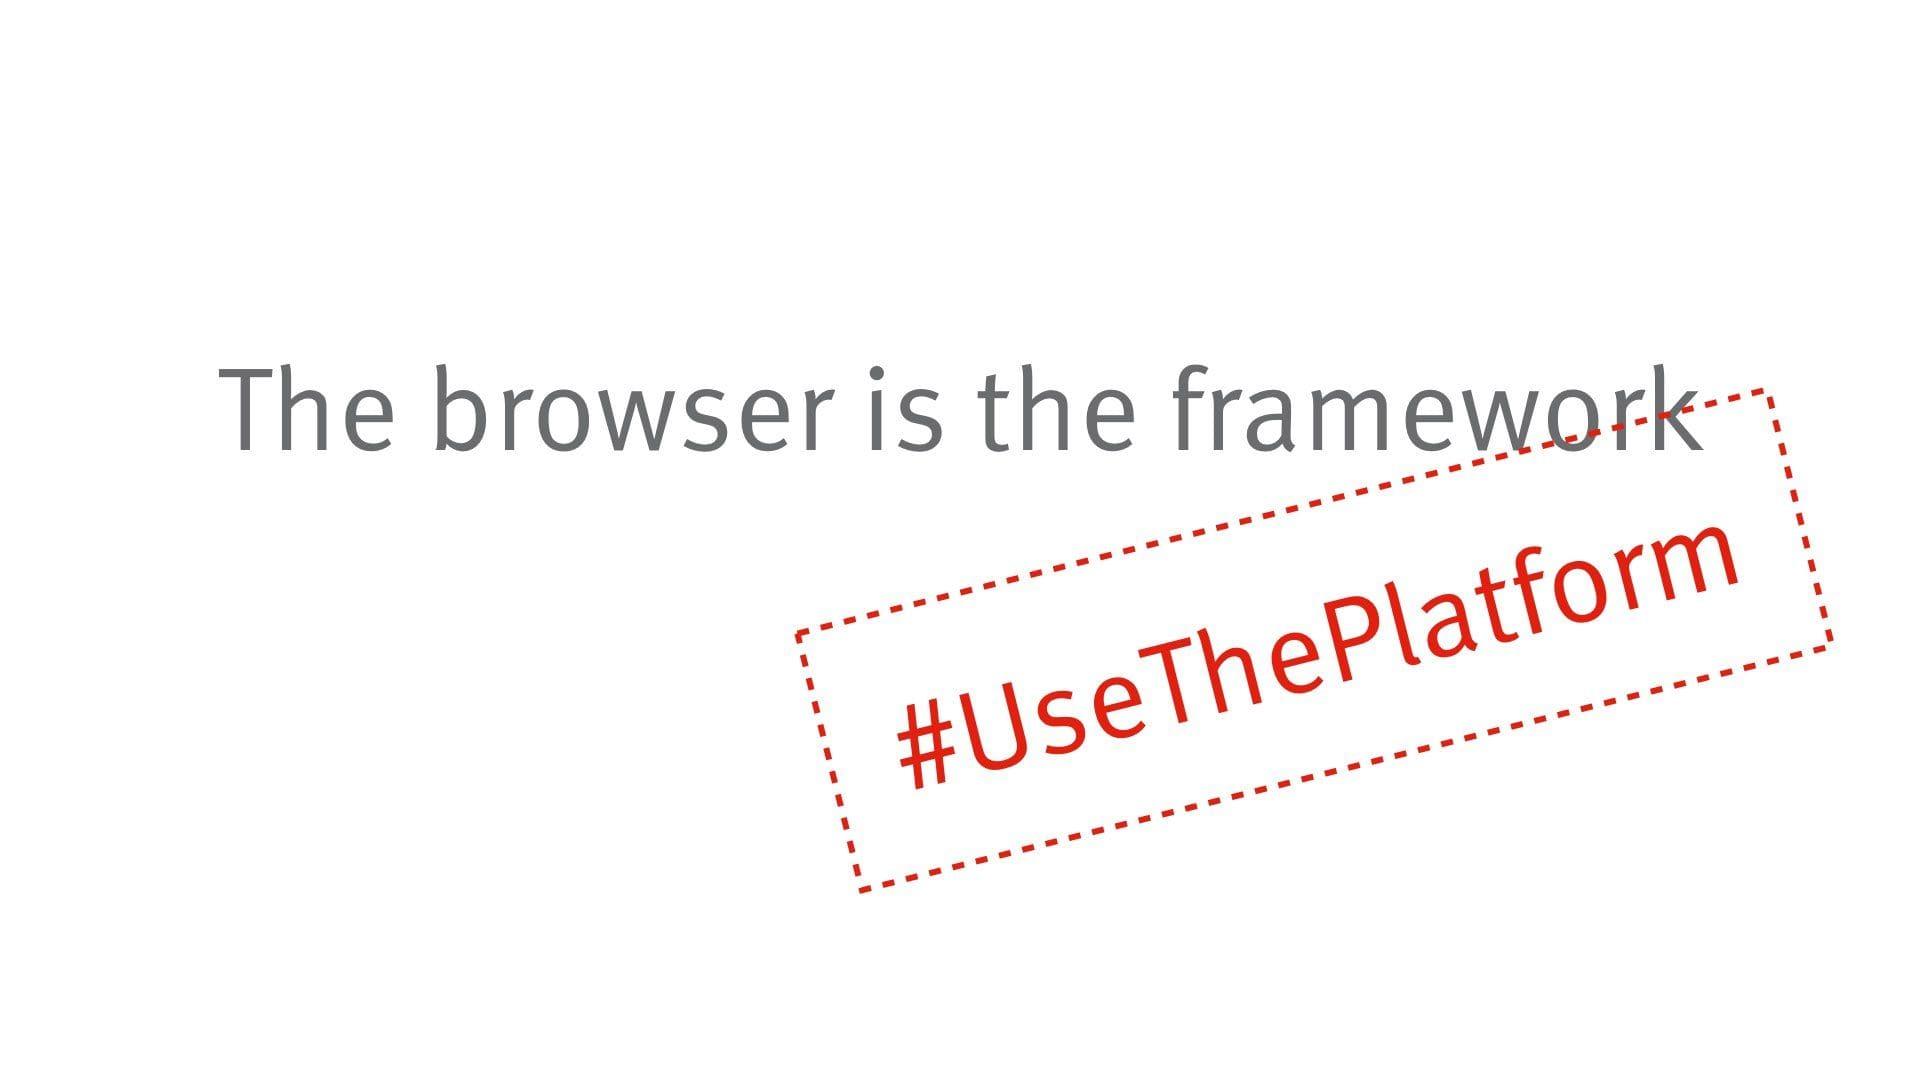 The browser is the framework #UseThePlatform